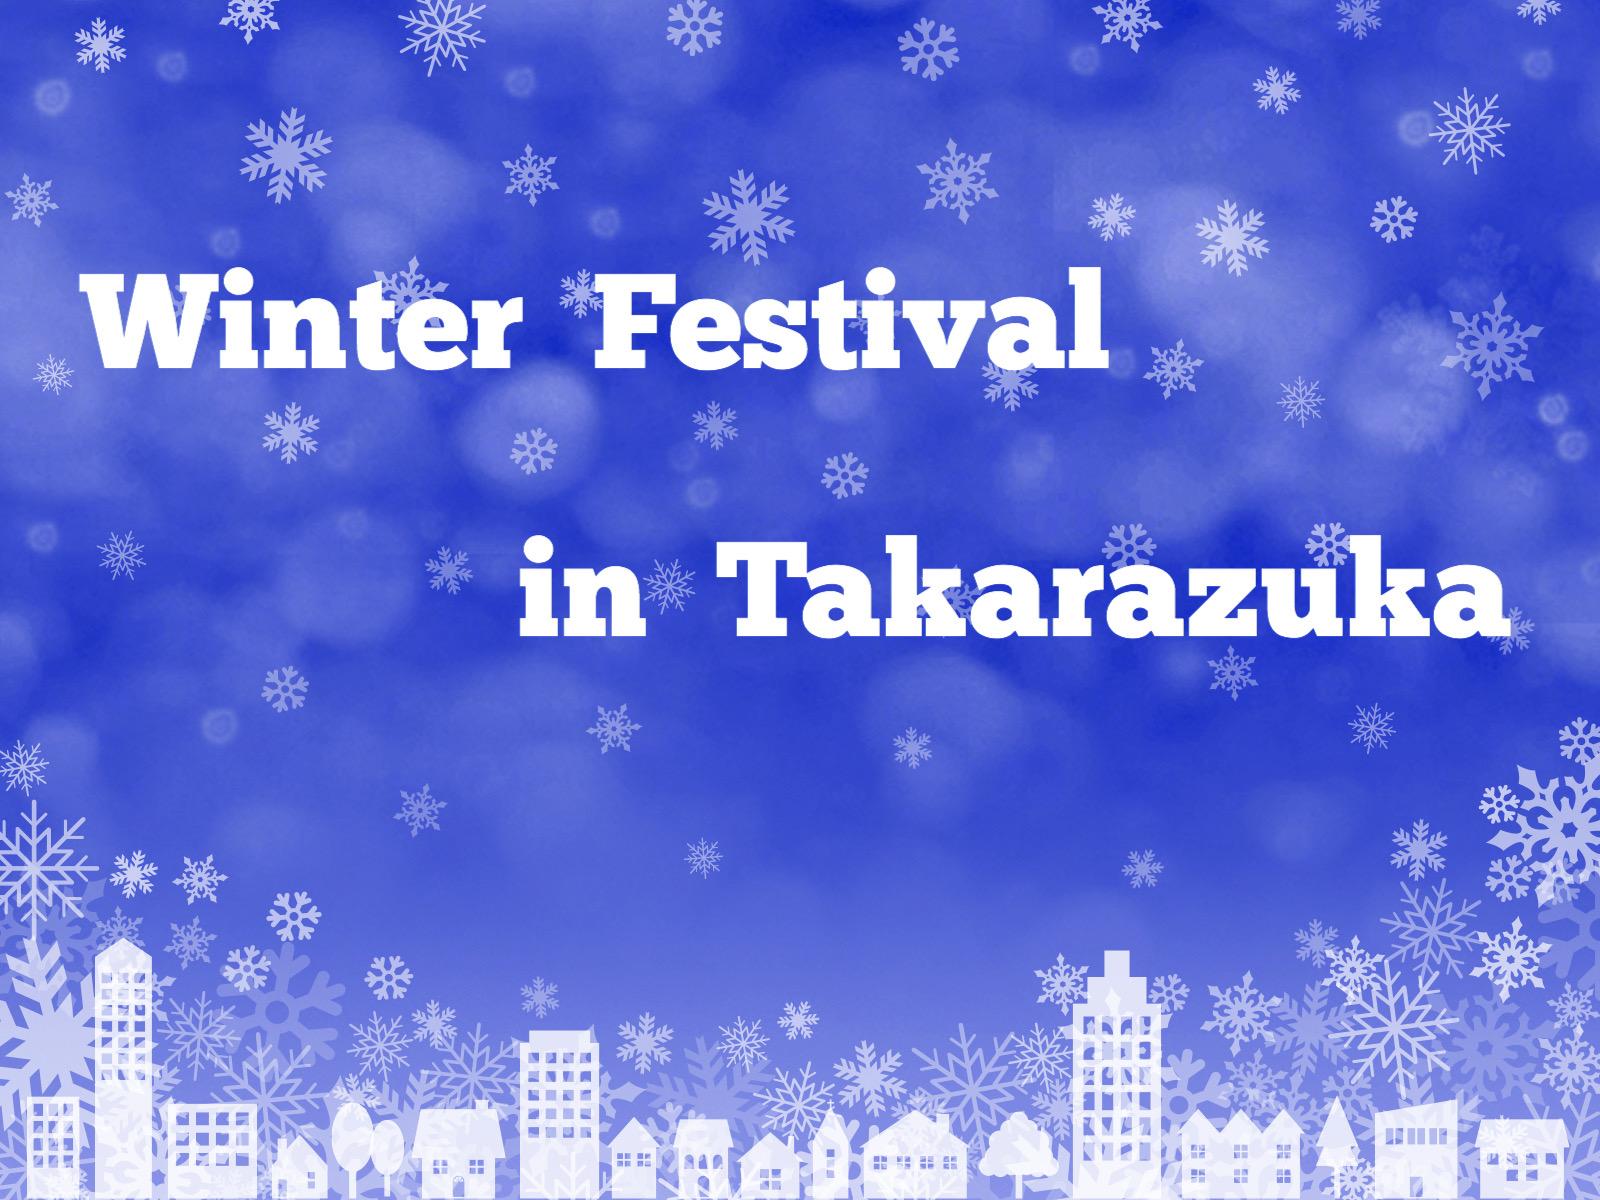 2019/11/22-24 宝塚 Winter festival